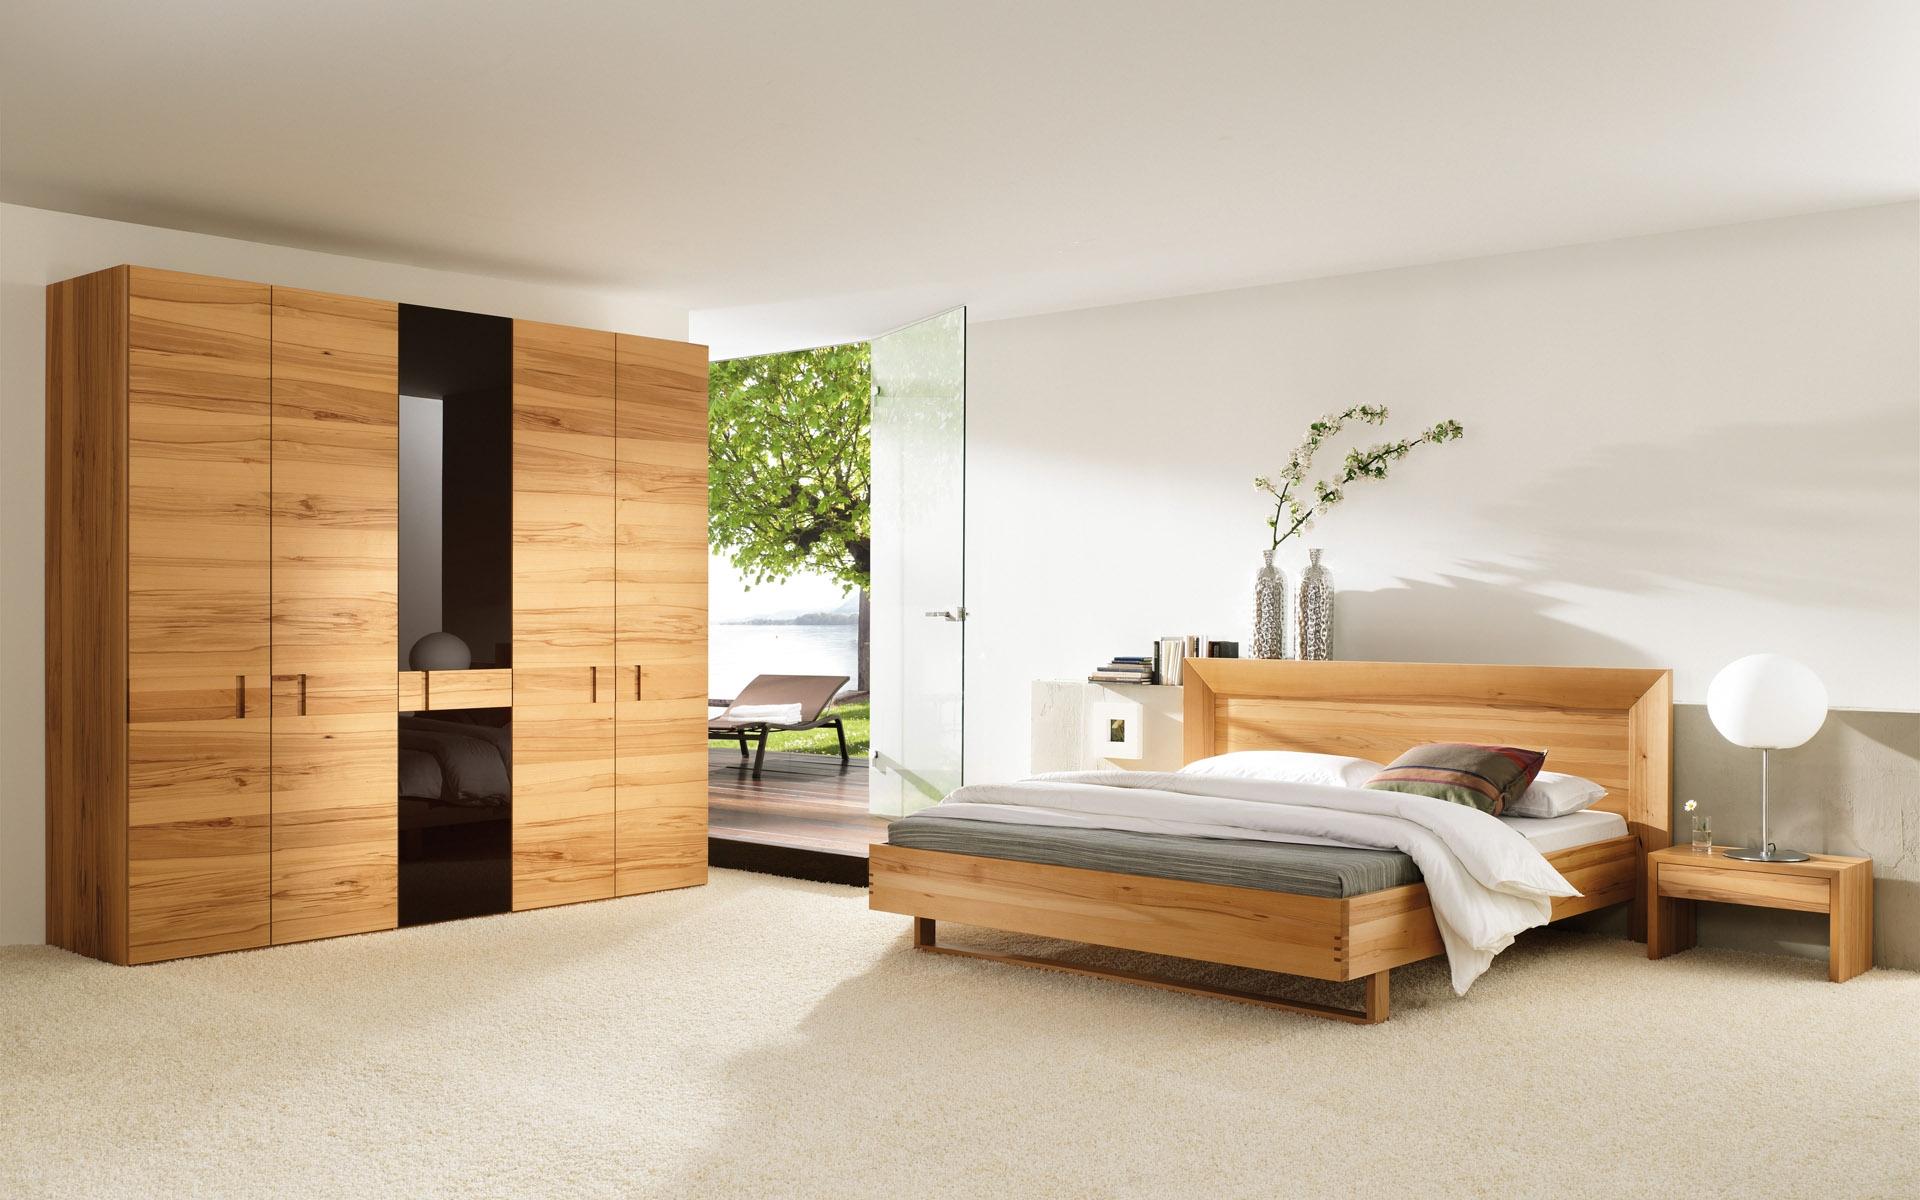 Stili Di Camere Da Letto sfondi : camera da letto, armadio, stile, di legno 1920x1200